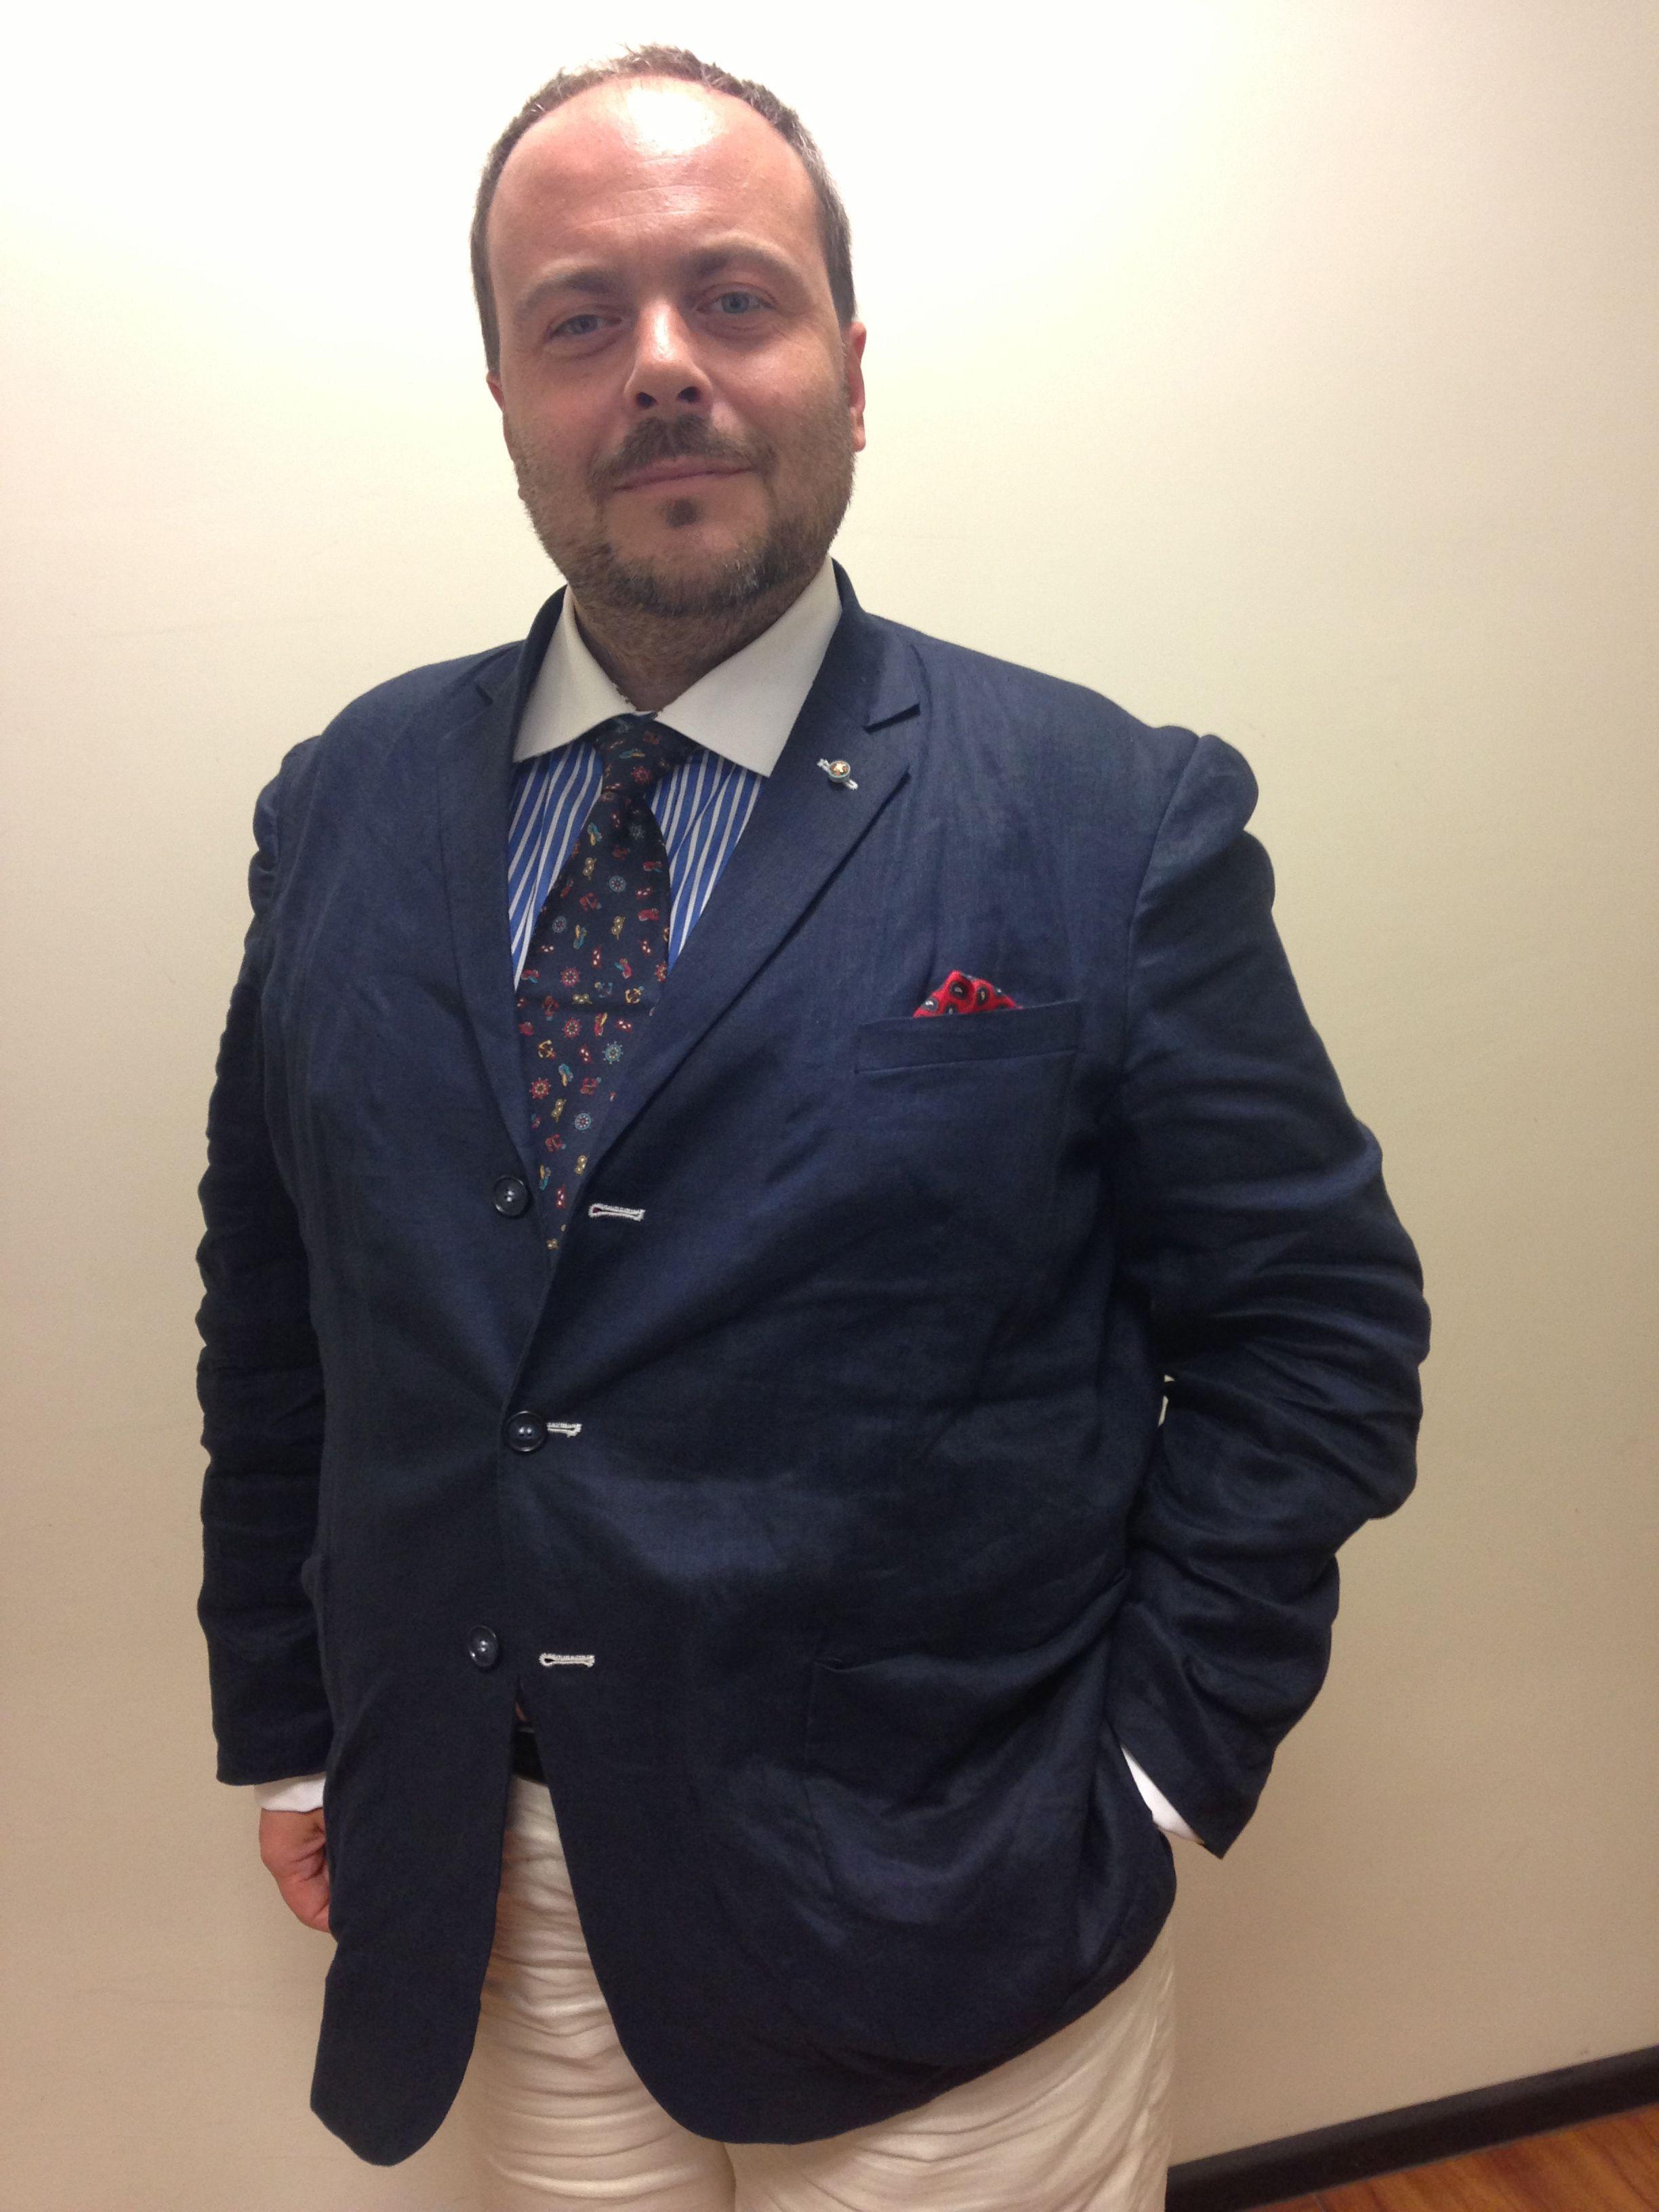 """Carissimi di Tailor4Less   nei giorni scorsi ho ricevuto la consegna del plico col mio ultimo ordine """"pluripersonalizzato"""" contenente la giacca blu in lino sfoderata (davvero leggera e rifinita nei dettagli! Un capolavoro di sartoria!!), i calzoni chiari in lino (davvero belli e freschi).........  Francesco Tolloi (il triestino)"""